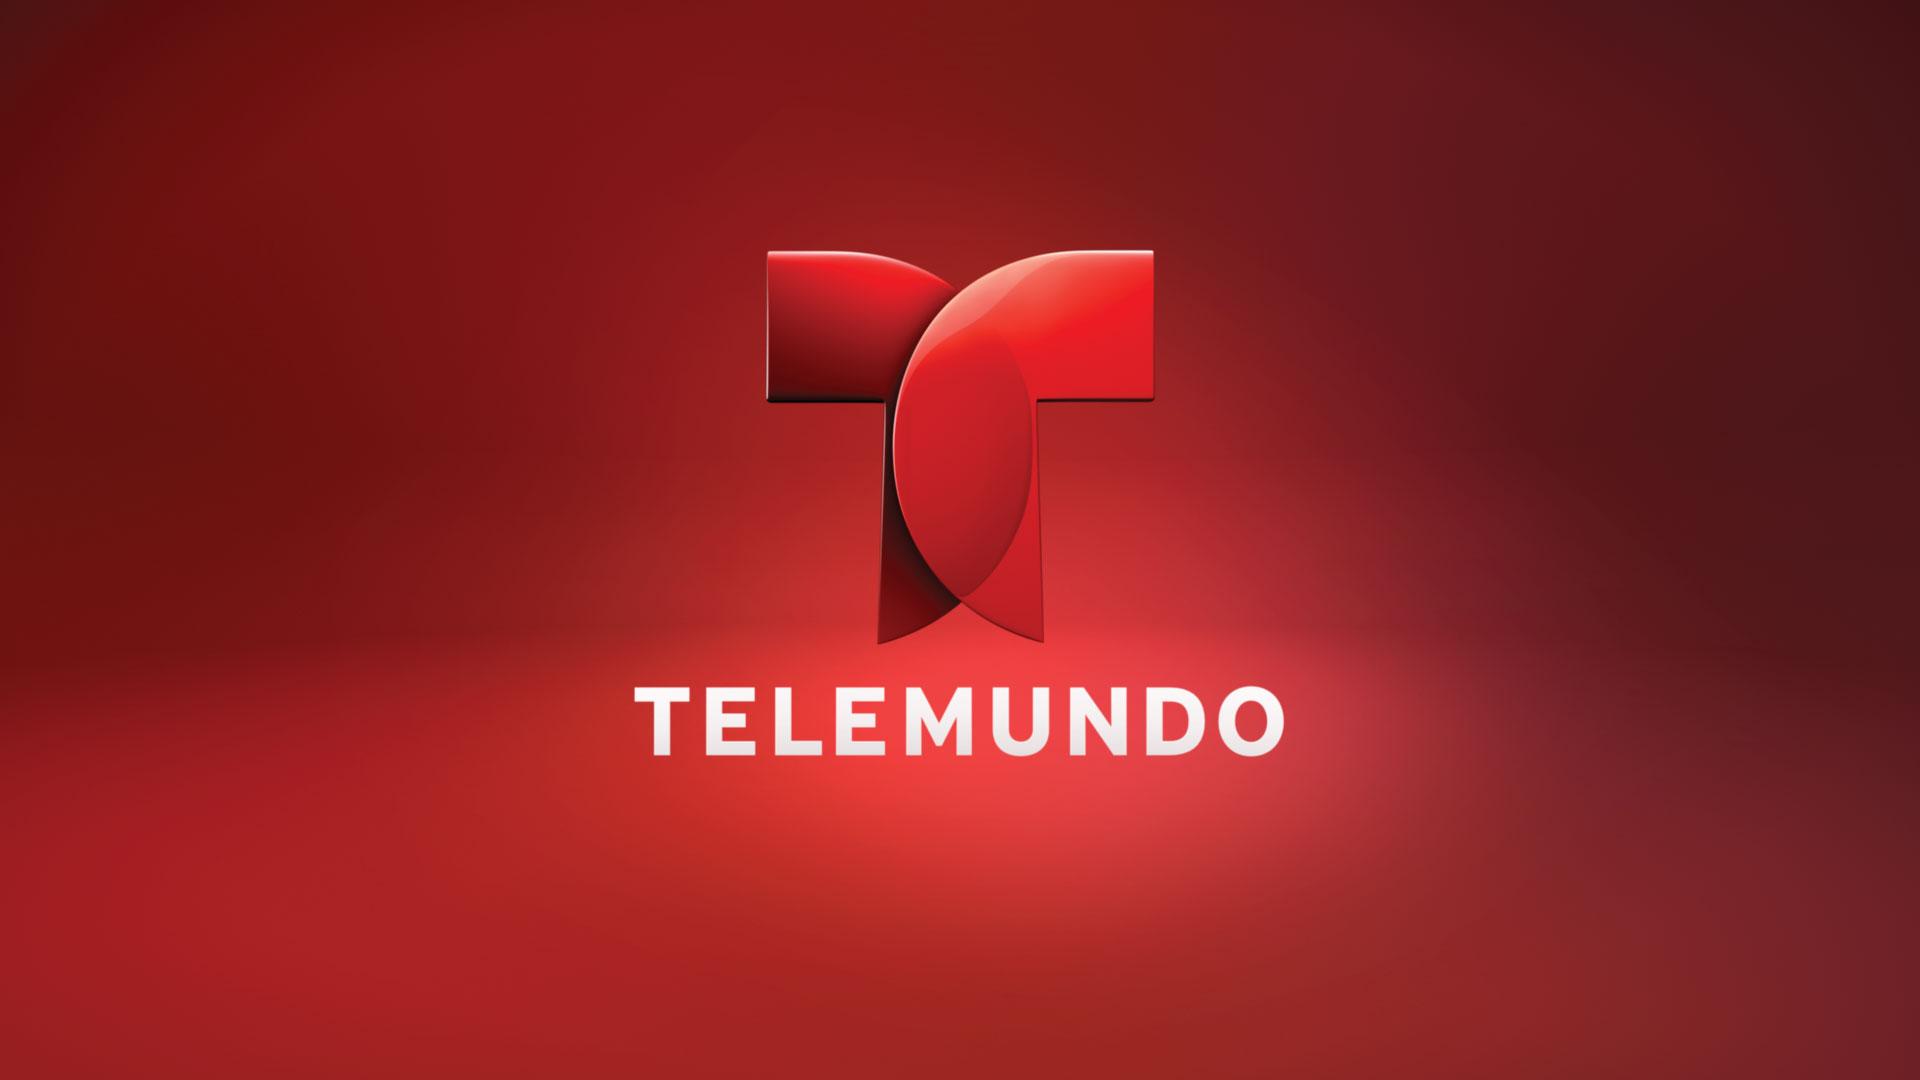 Telemundo Rebrand